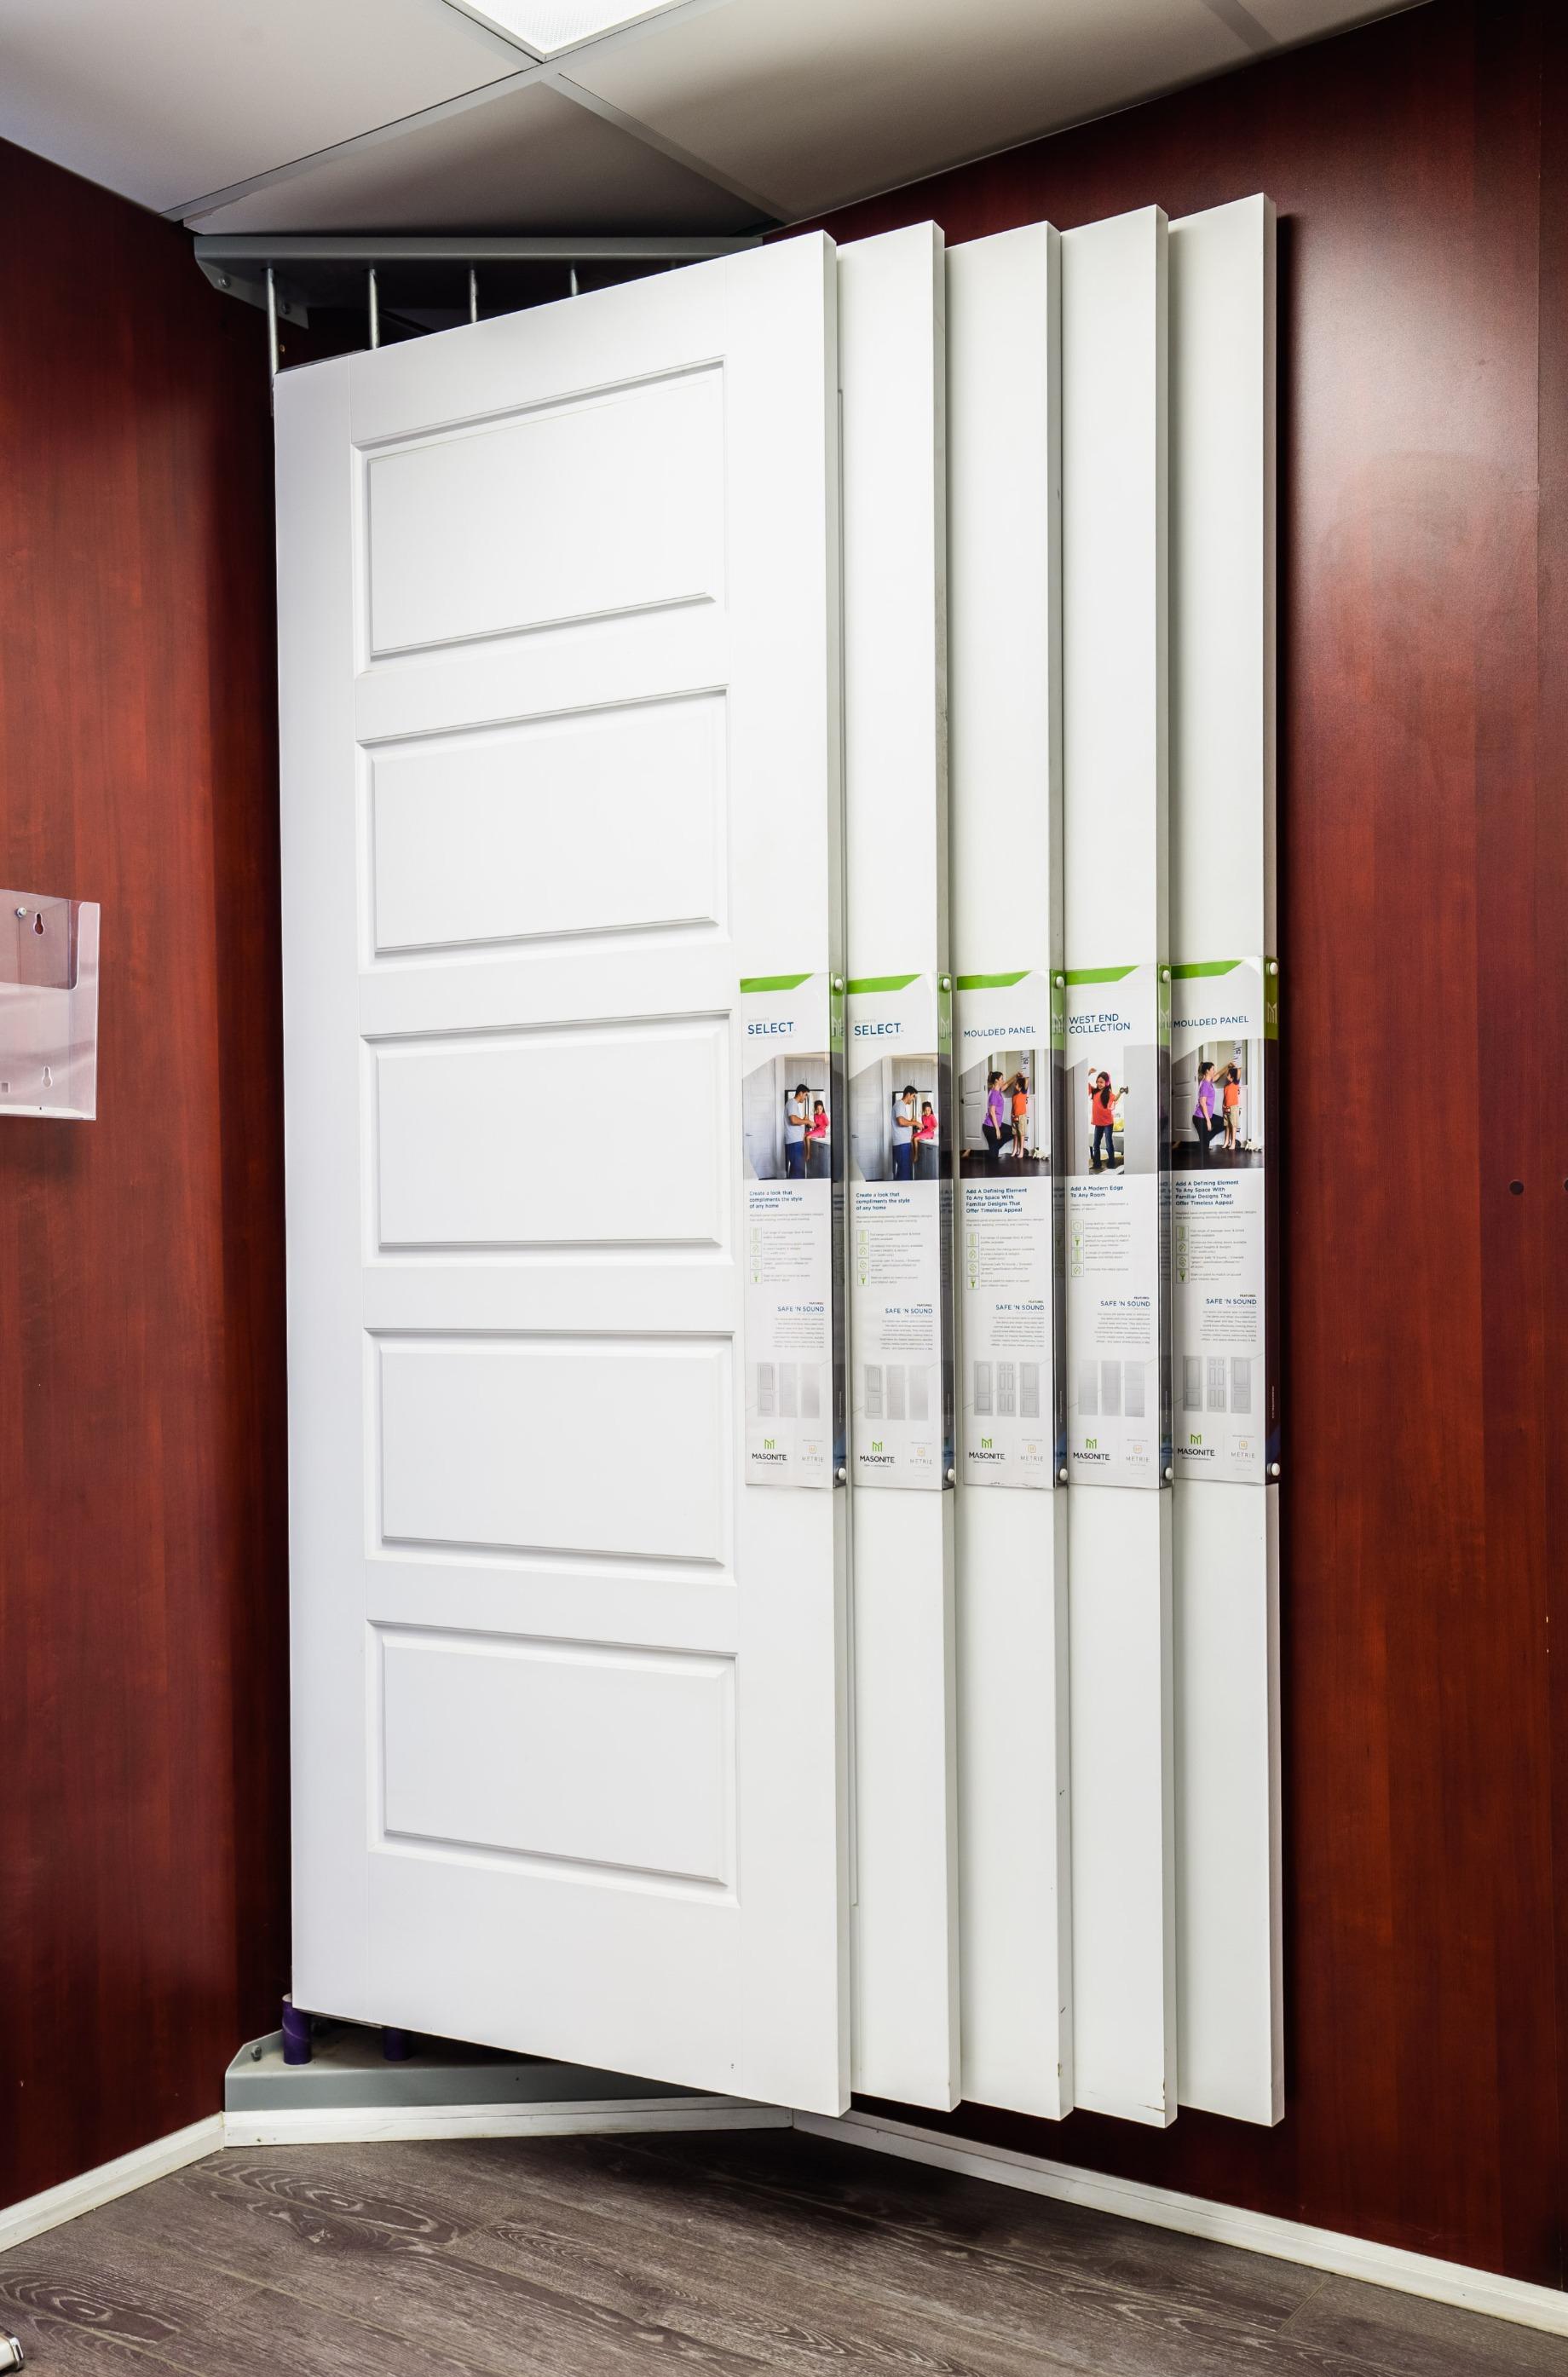 Barrie Trim showroom door display